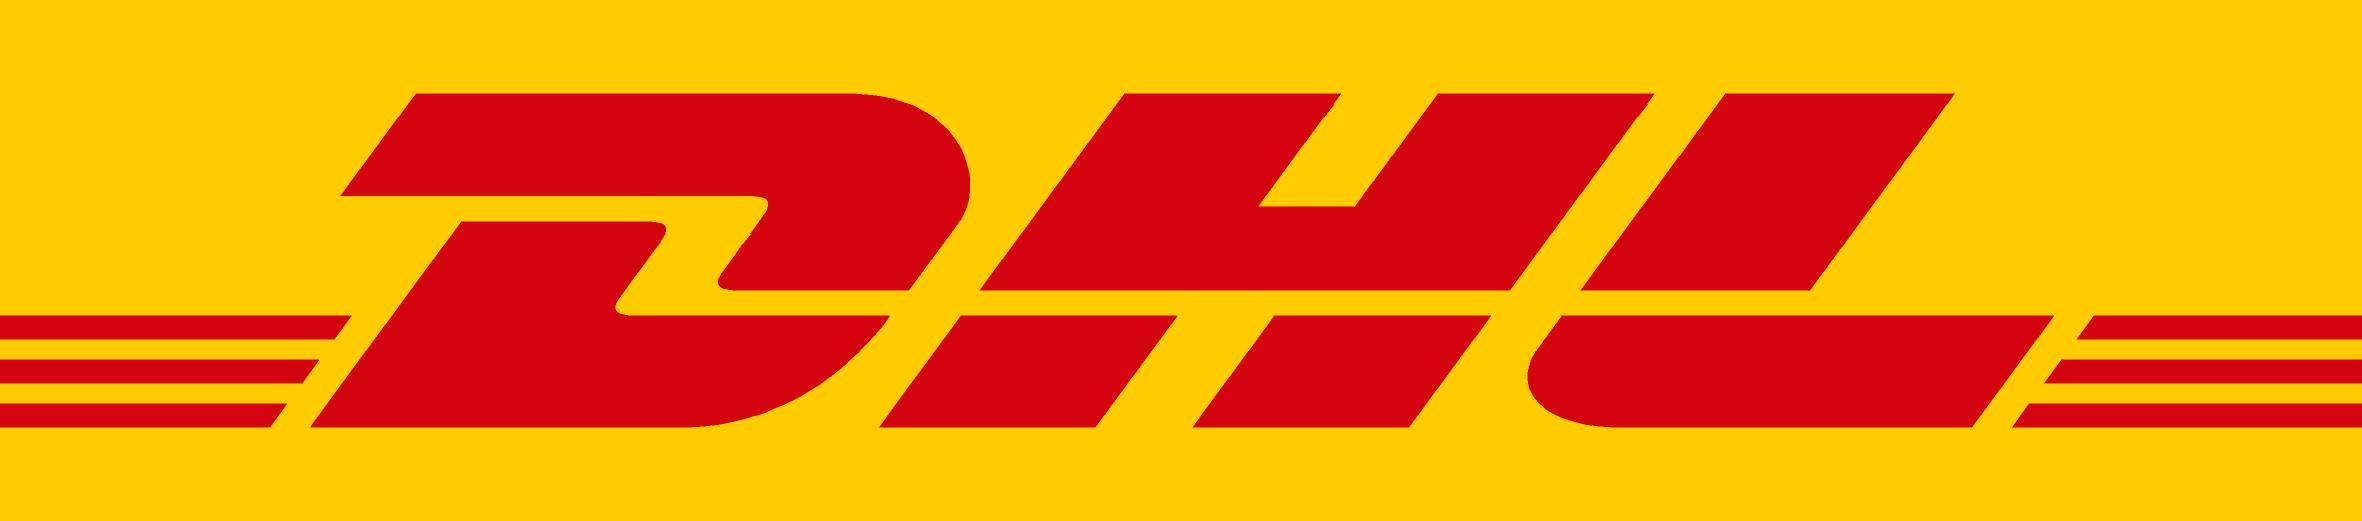 dhl_logo2.jpg